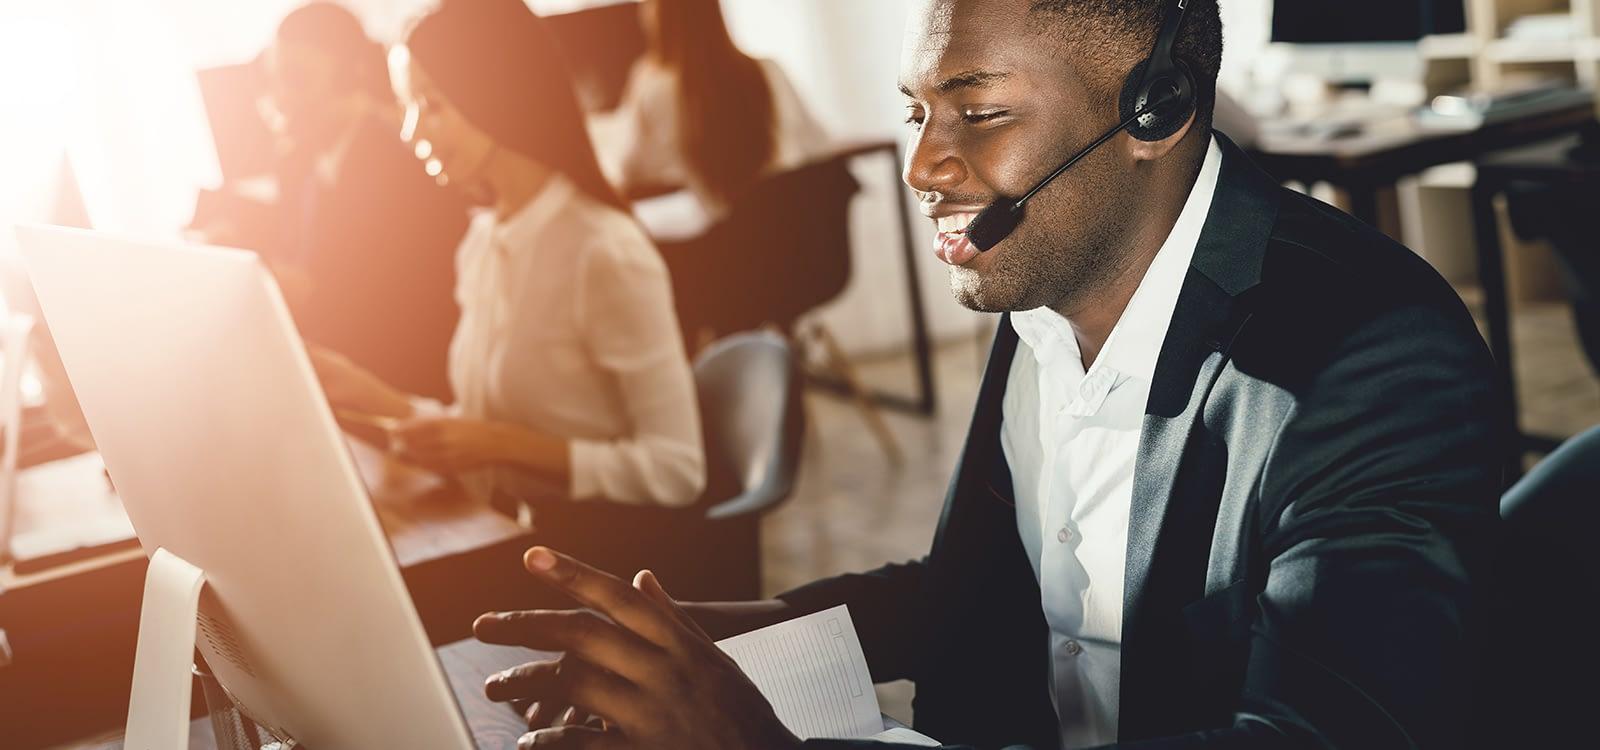 ContactCenter Hero help desk support